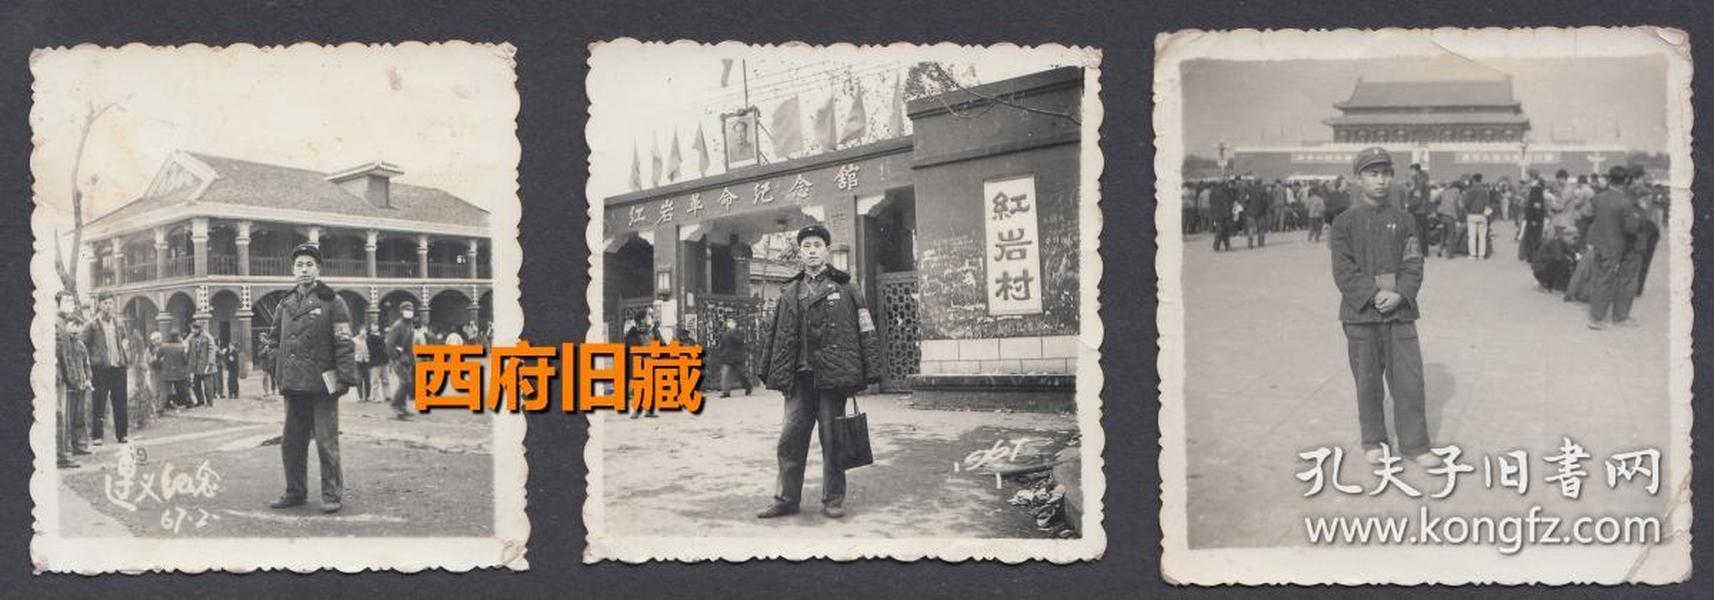 文革老照片,串联足迹,1967年重庆红岩革命纪念馆、遵义会议旧址、天安门广场